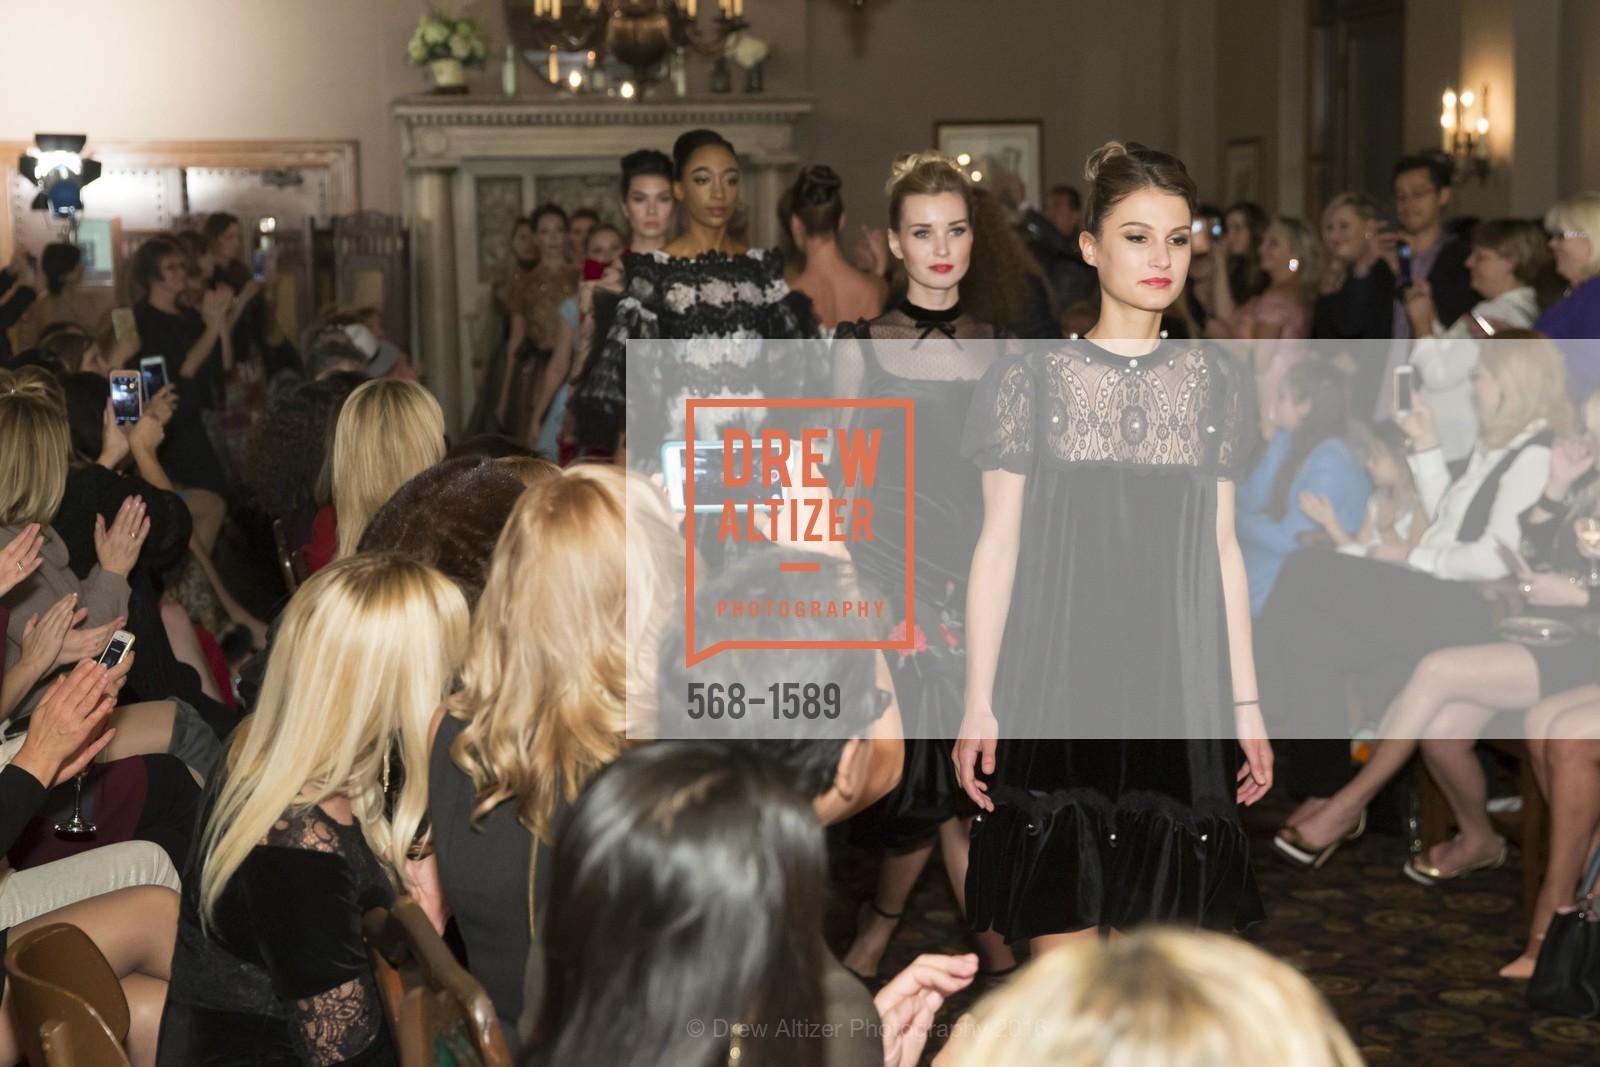 Fashion Show, Photo #568-1589